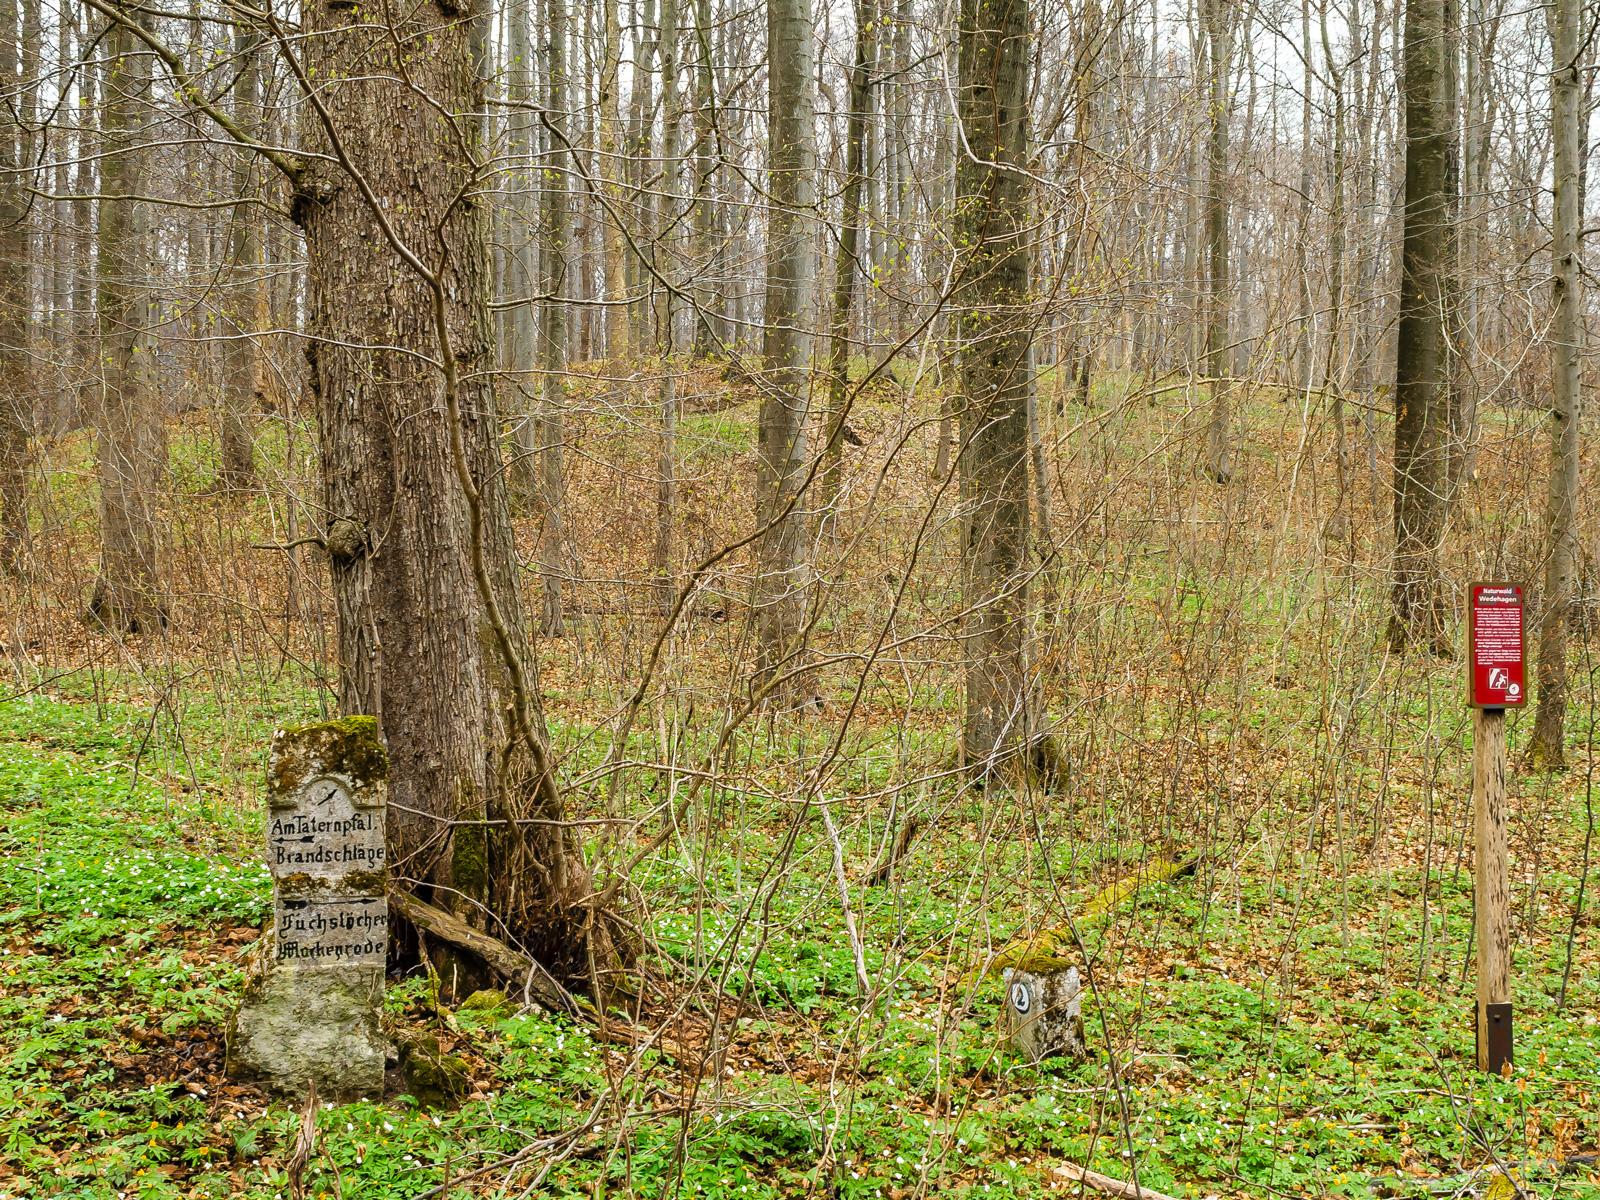 alter Wegweiser vor Ahorn-Biotopbaum